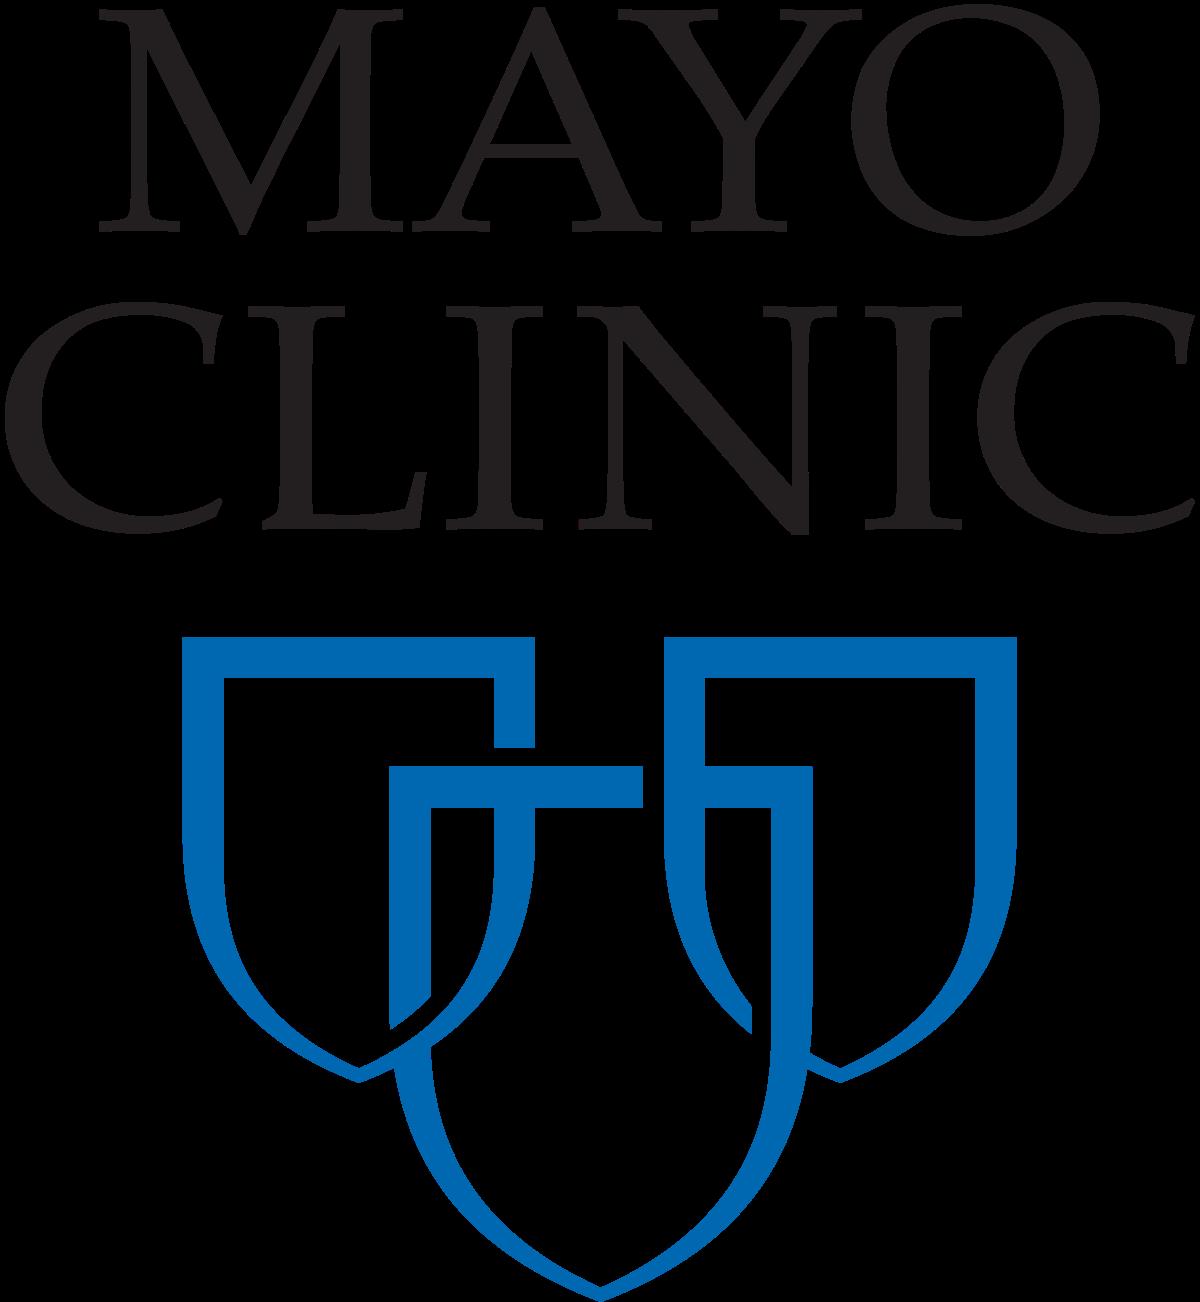 Mayo Clinic's logo